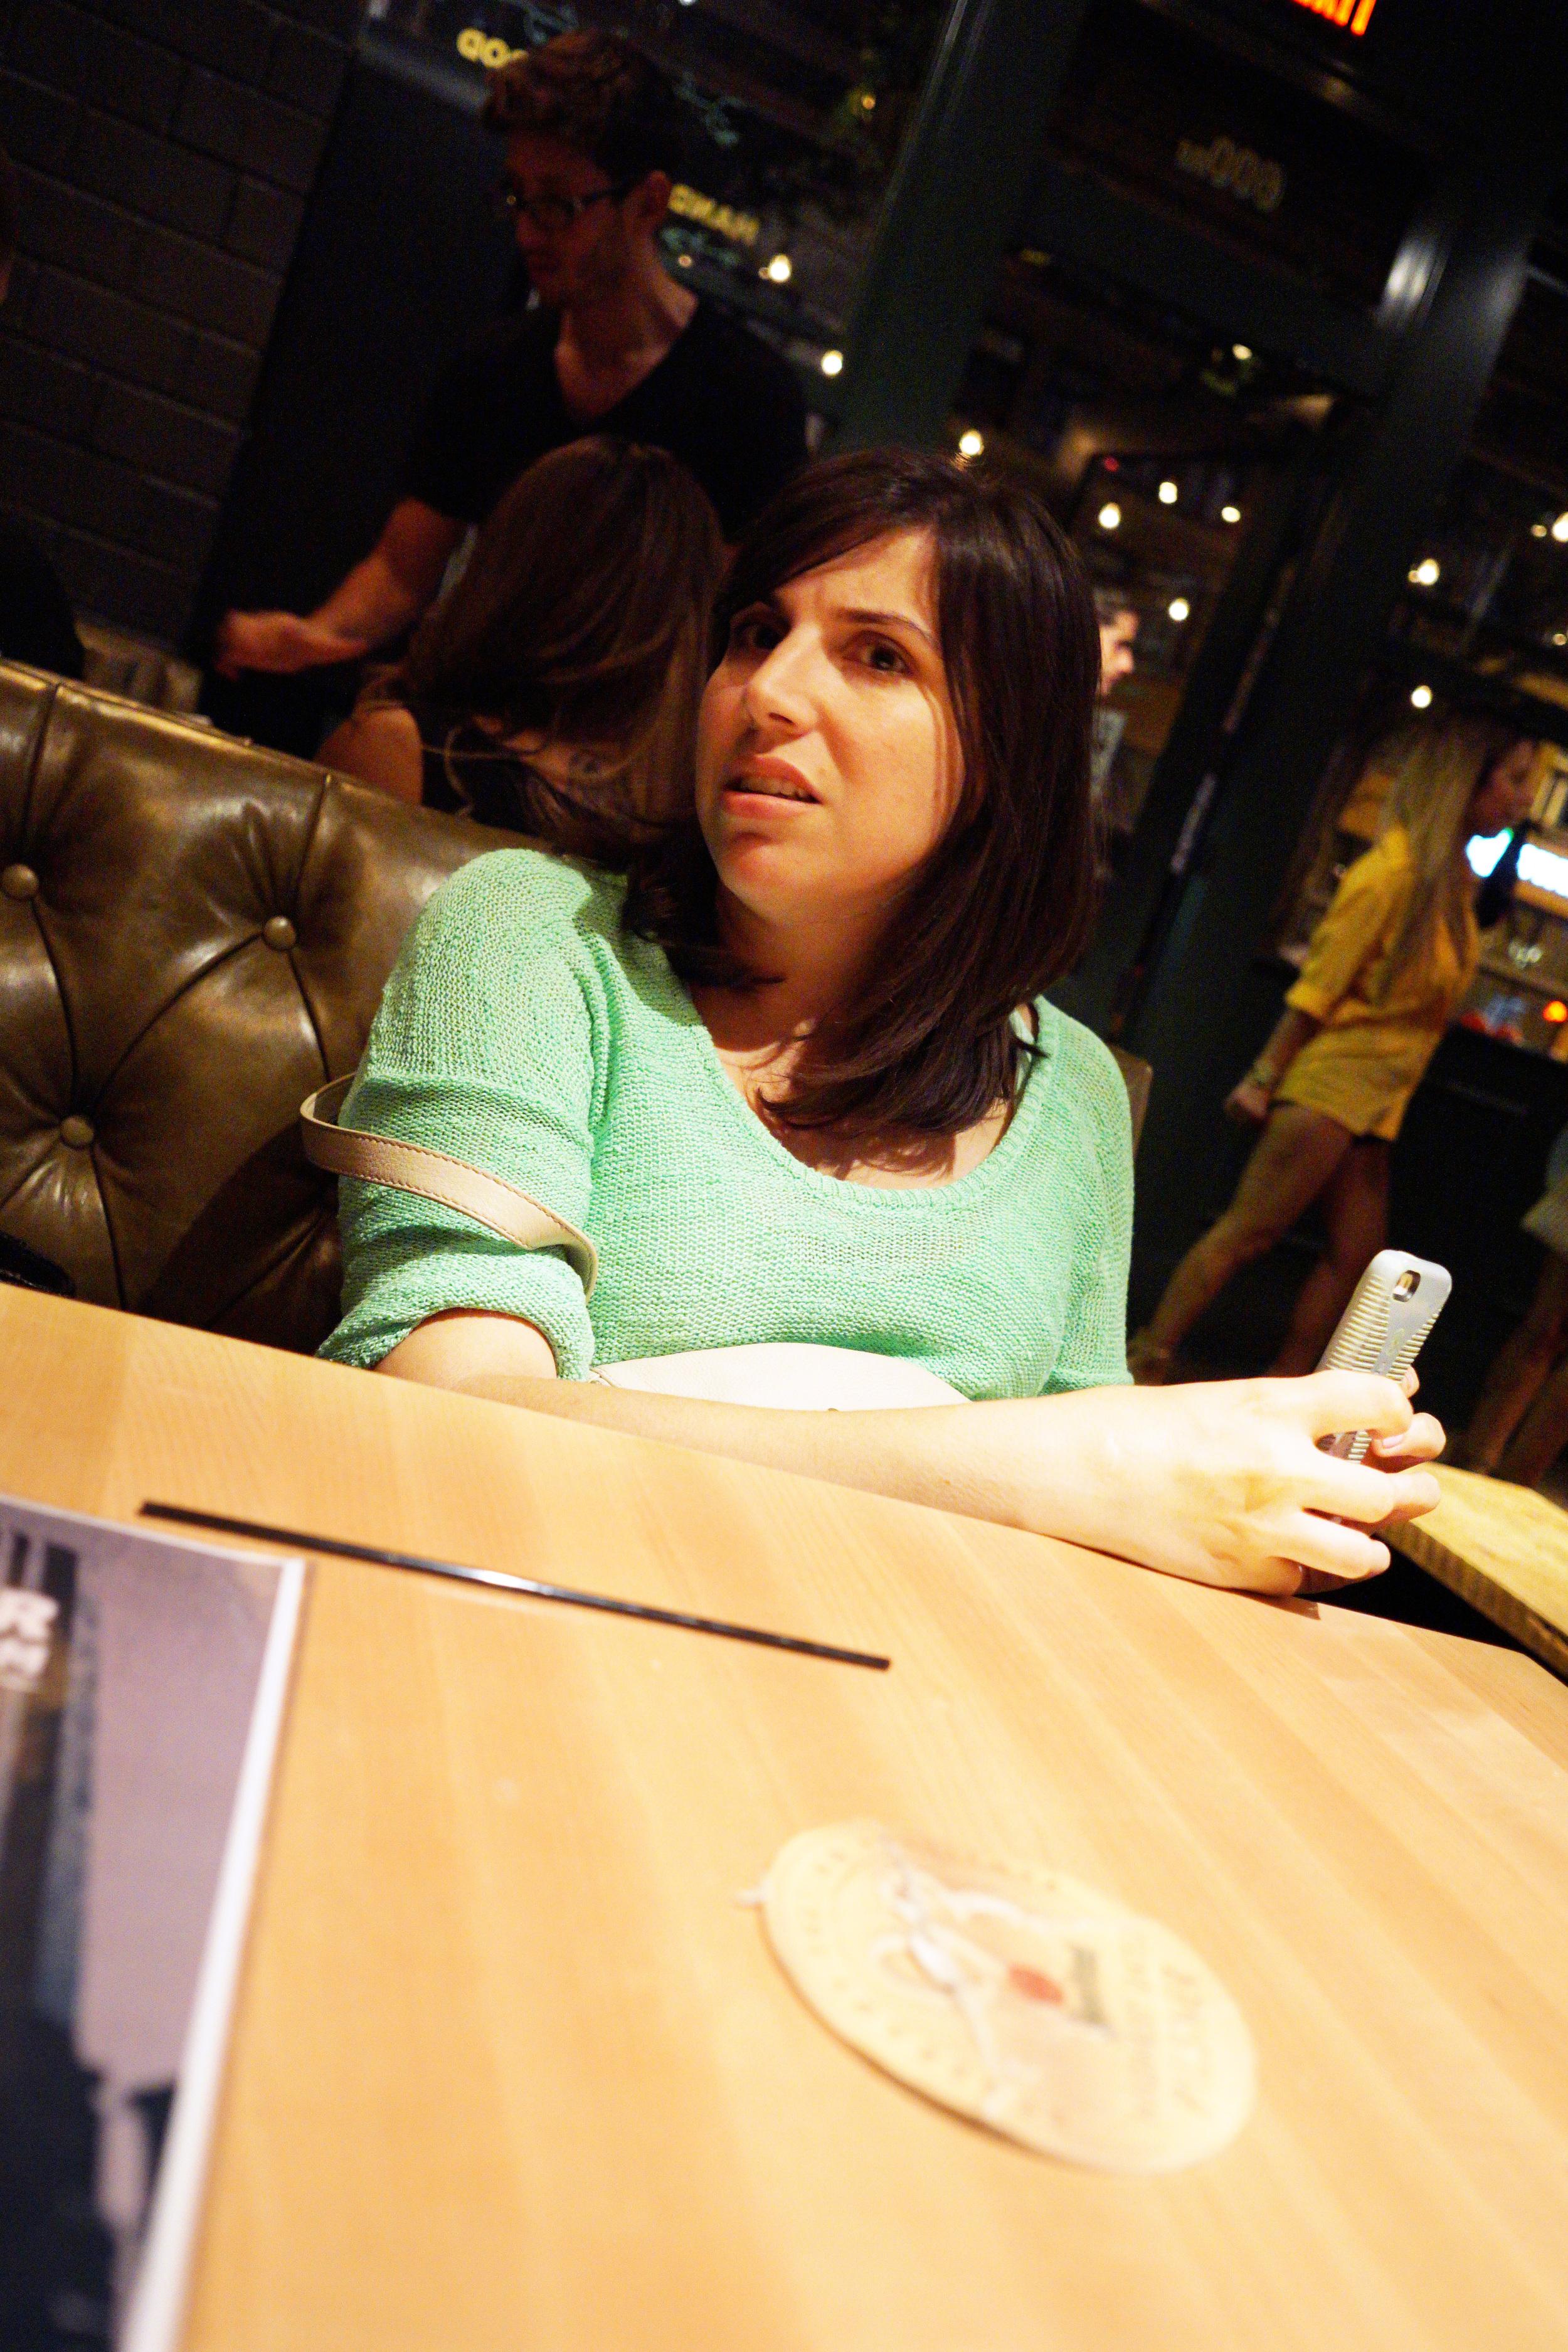 DSC00753 Rachel Weird Texting Face.JPG